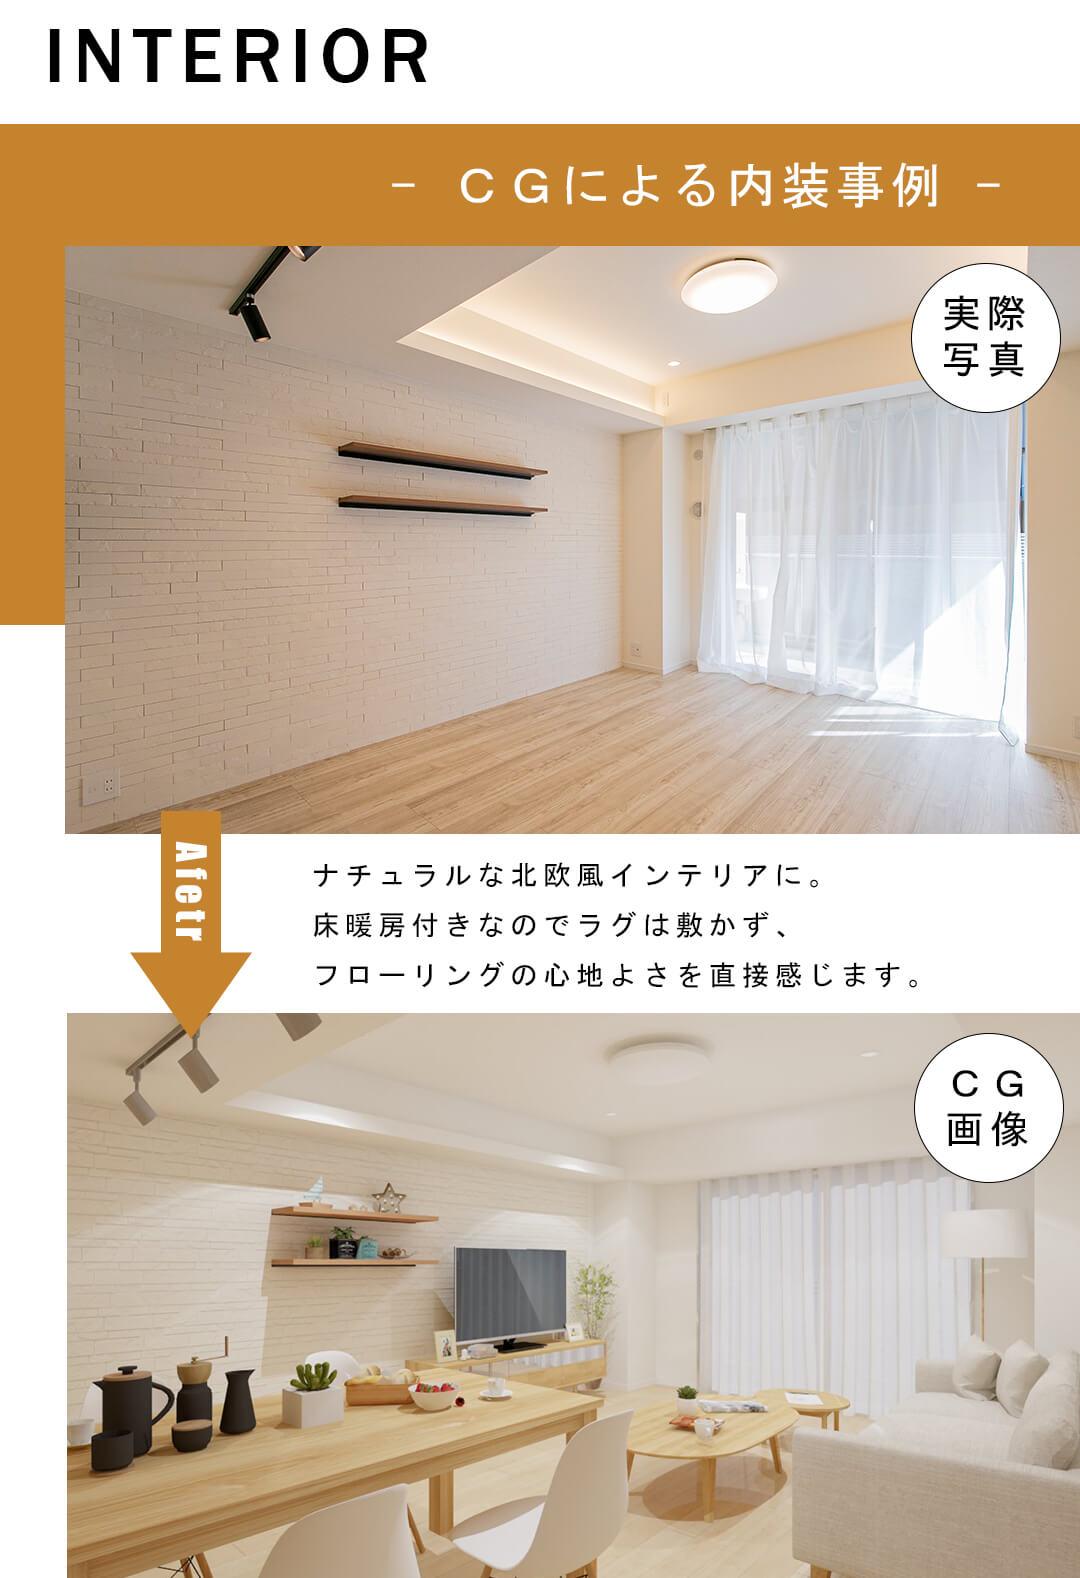 小田急コアロード杉並・富士見ヶ丘のリビングダイニングの内装事例